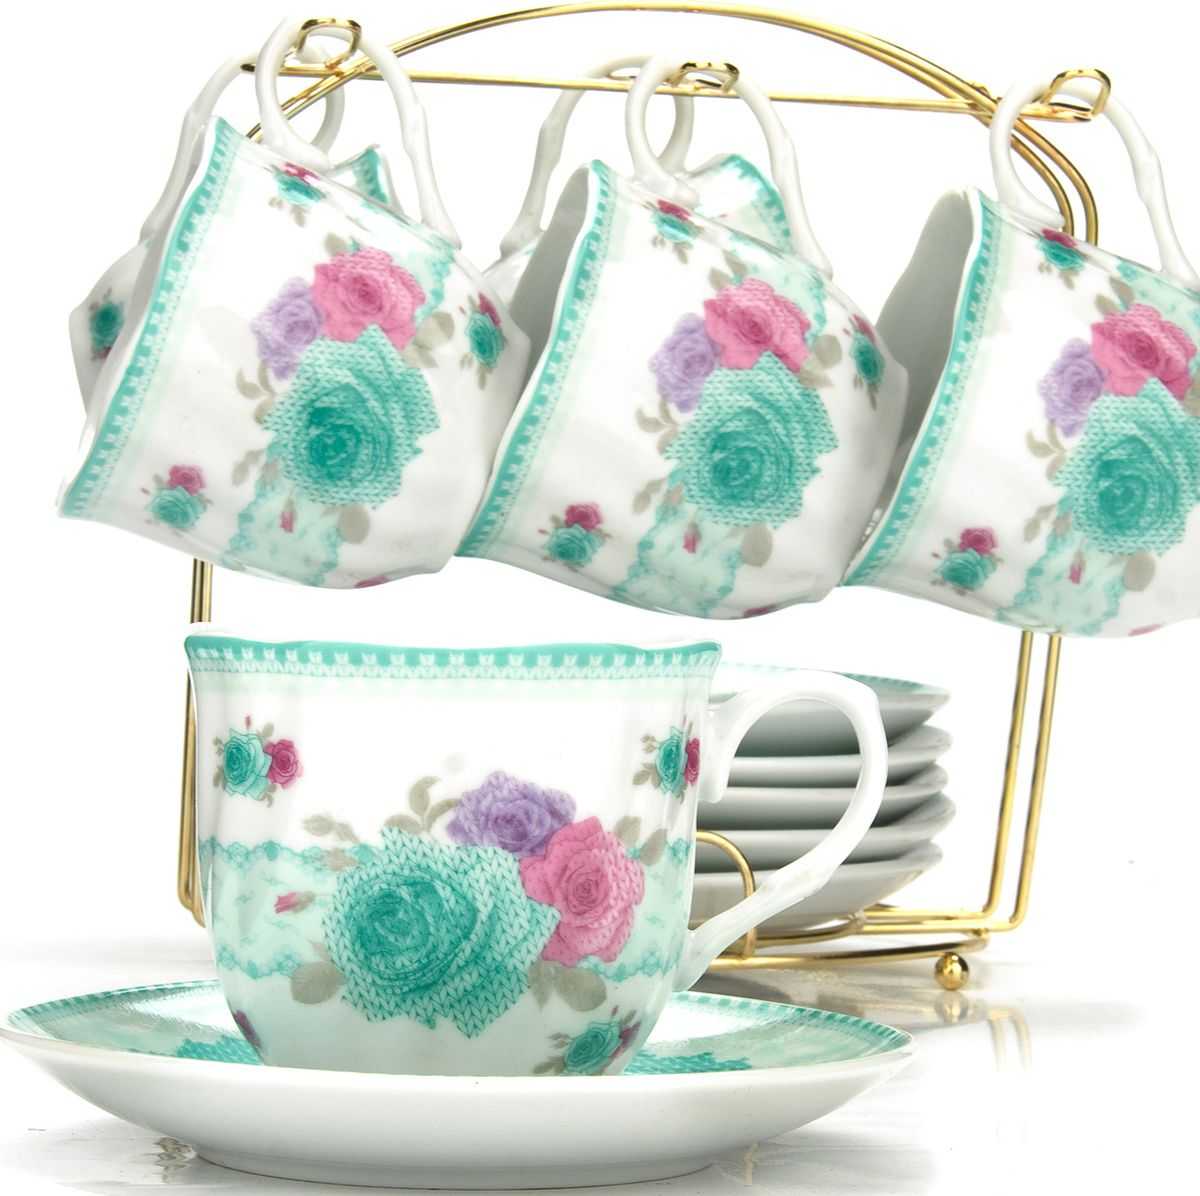 Сервиз чайный Loraine, на подставке, 13 предметов. 4328225938Чайный набор состоит из шести чашек, шести блюдец и металлической подставки золотого цвета. Предметы набора изготовлены из качественного фарфора и оформлены красочным цветным рисунком, стенки чашек имеют изящную волнистую поверхность. Чайный набор идеально подойдет для сервировки стола и станет отличным подарком к любому празднику. Все изделия можно компактно хранить на подставке, входящей в набор. Подходит для мытья в посудомоечной машине.Диаметр чашки: 8 см.Высота чашки: 7 см.Объем чашки: 200 мл.Диаметр блюдца: 13,5 см.